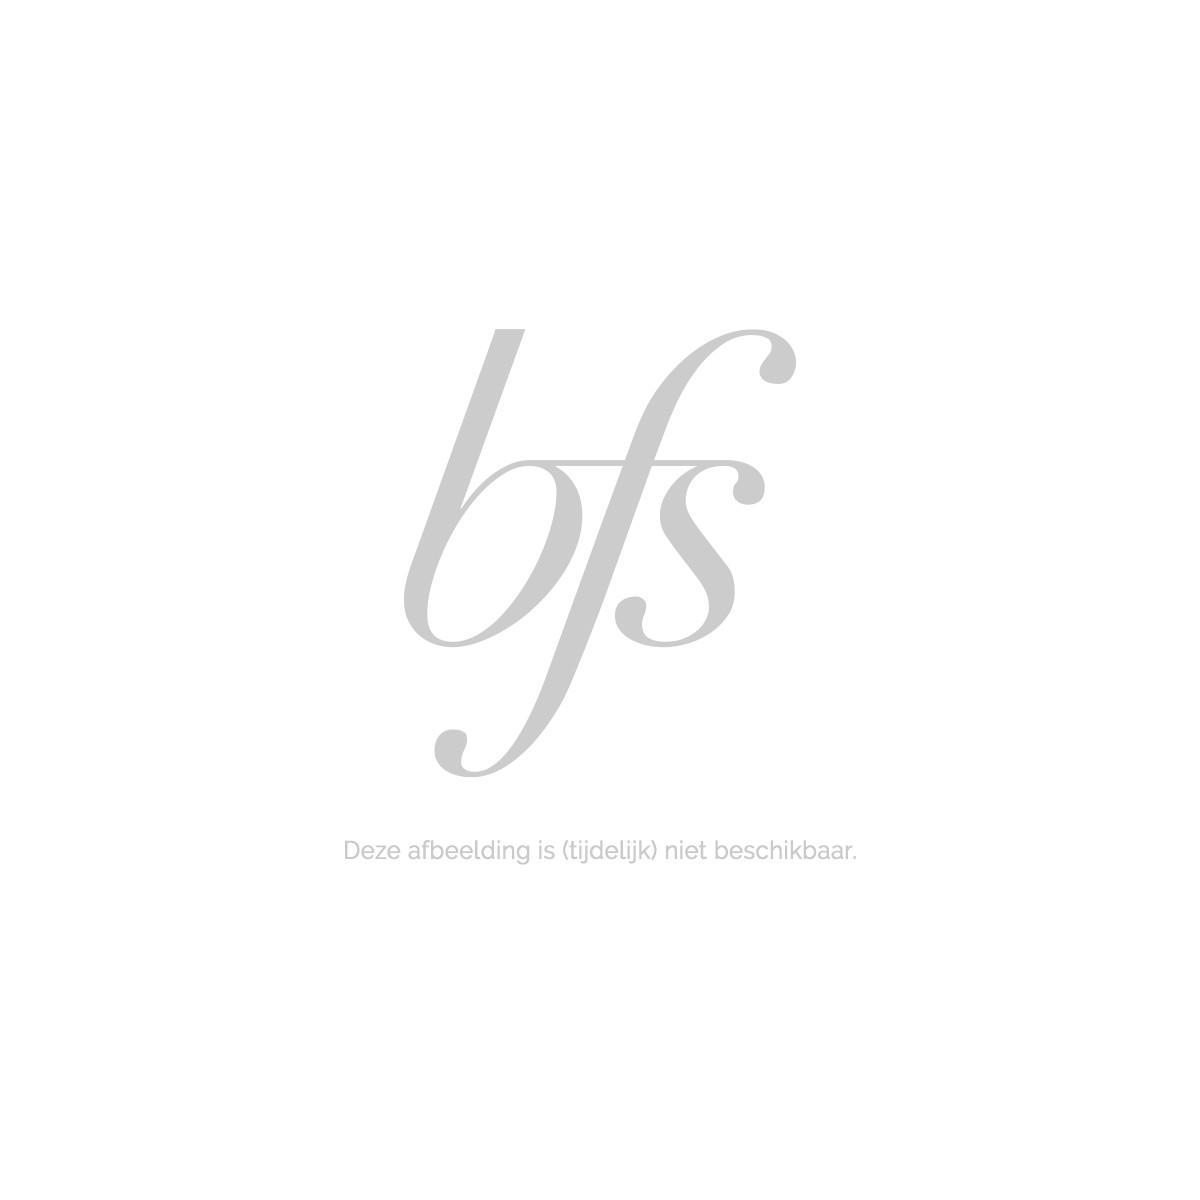 Christian Dior Prestige La Creme Texture Riche 50 Ml